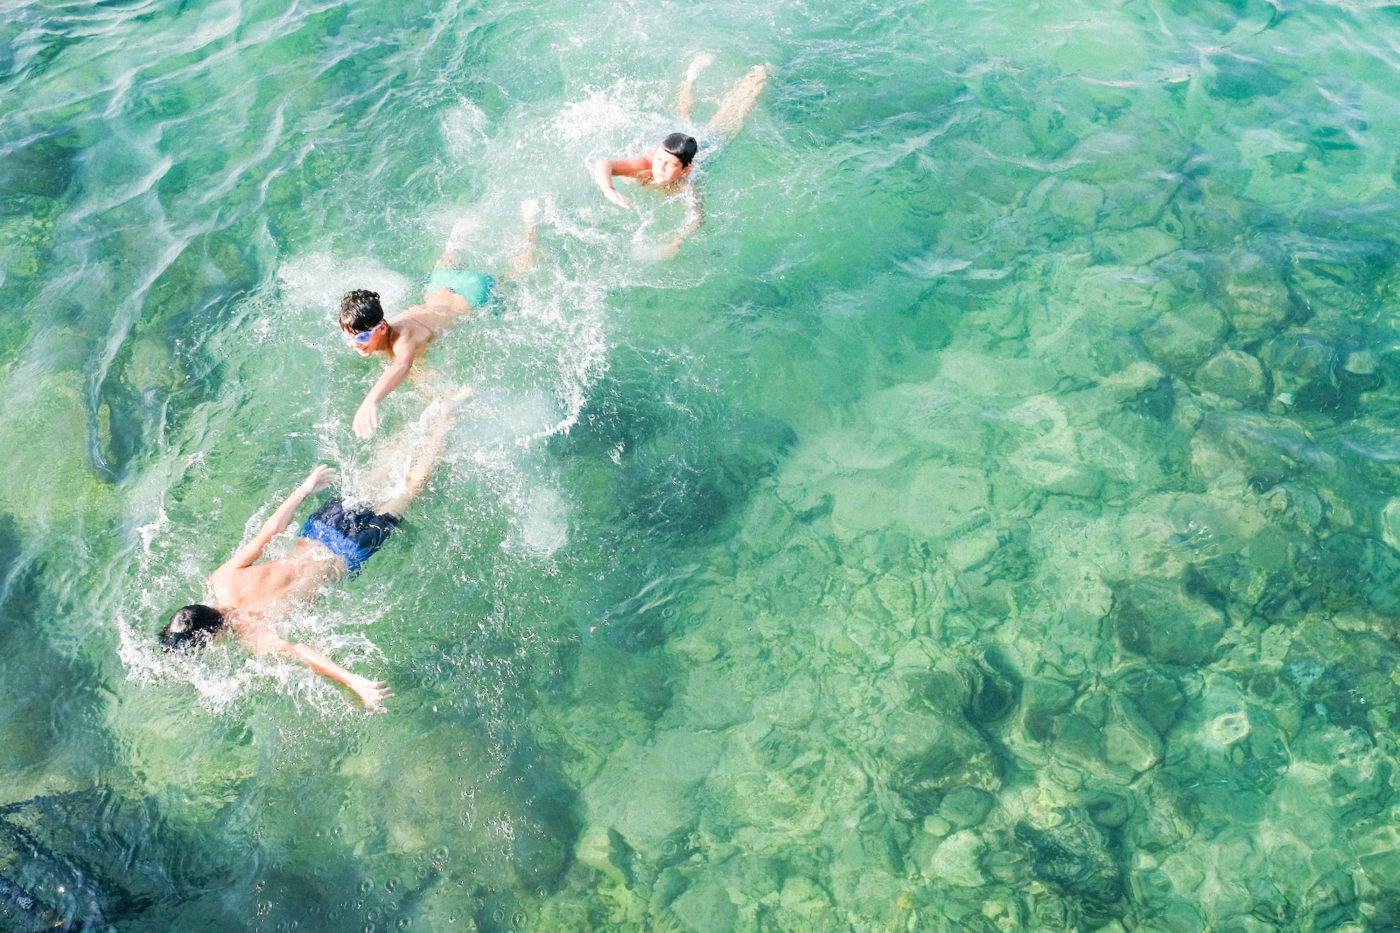 Kolme poikaa ui vihreässä meressä.